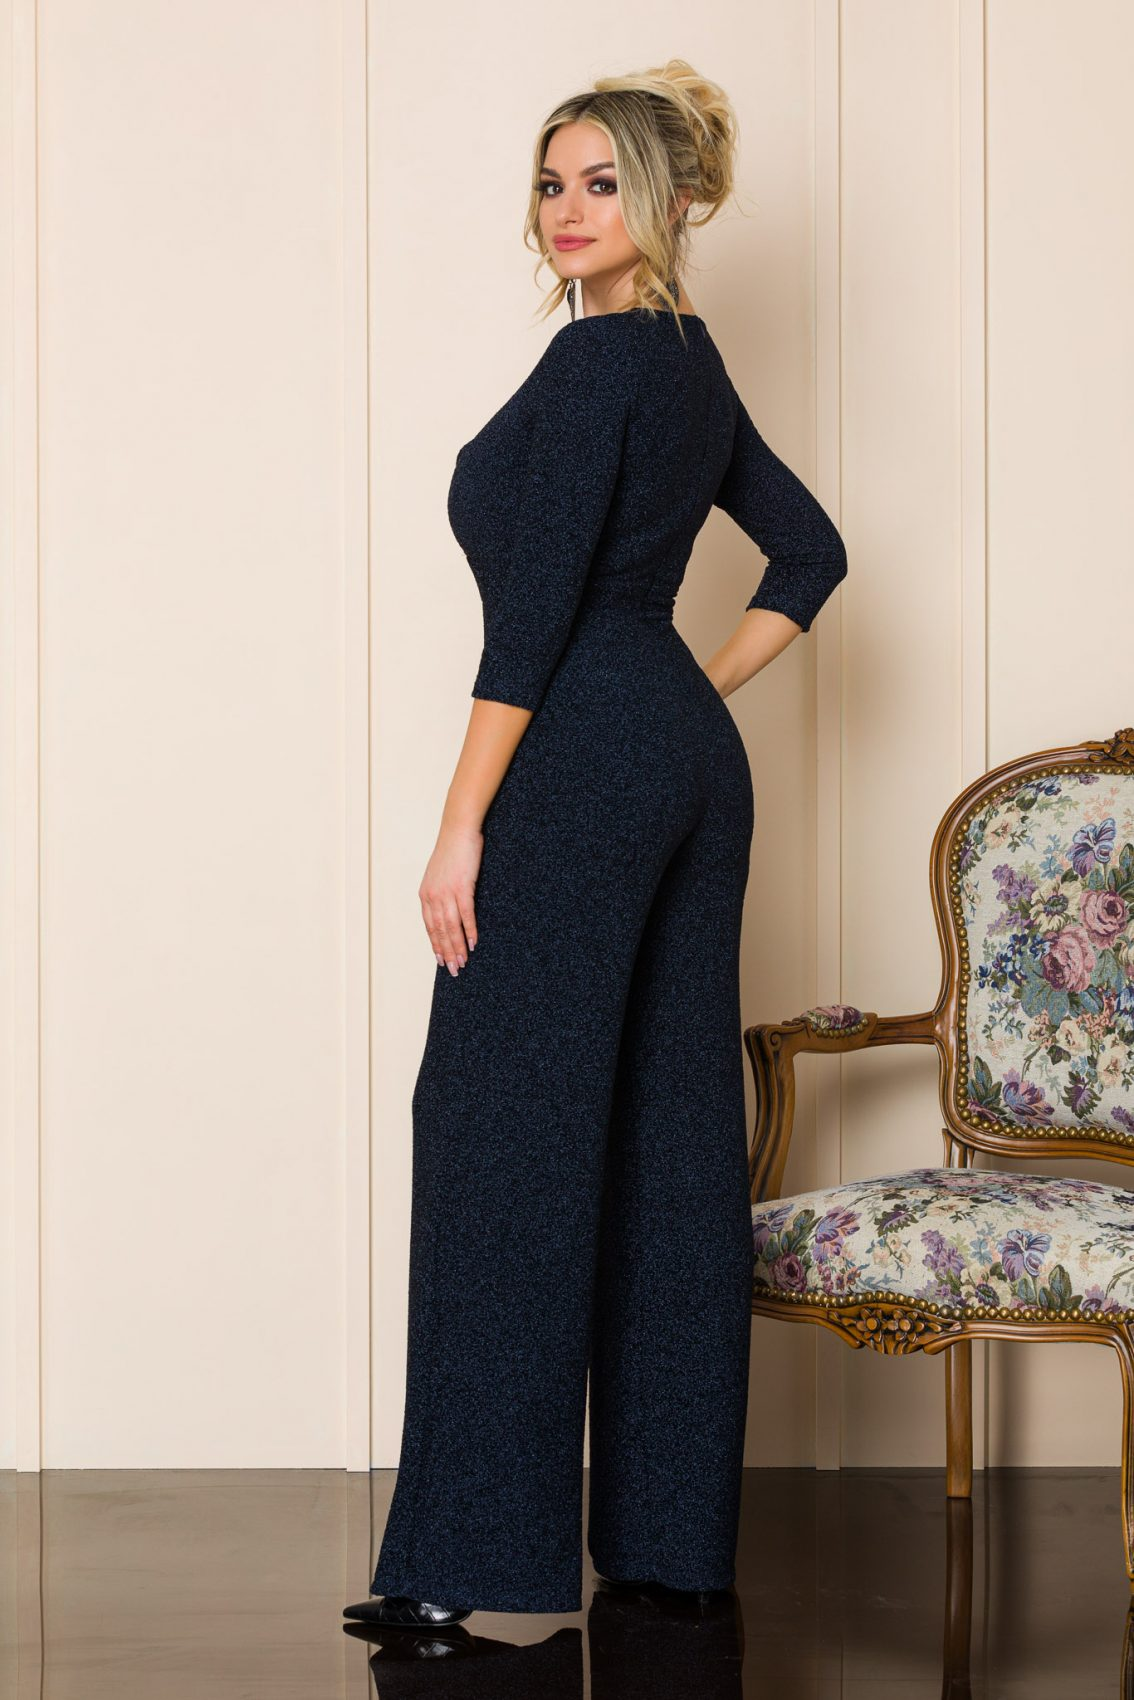 Μπλε Αμπιγιέ ολόσωμη Φόρμα Jovena A147 2